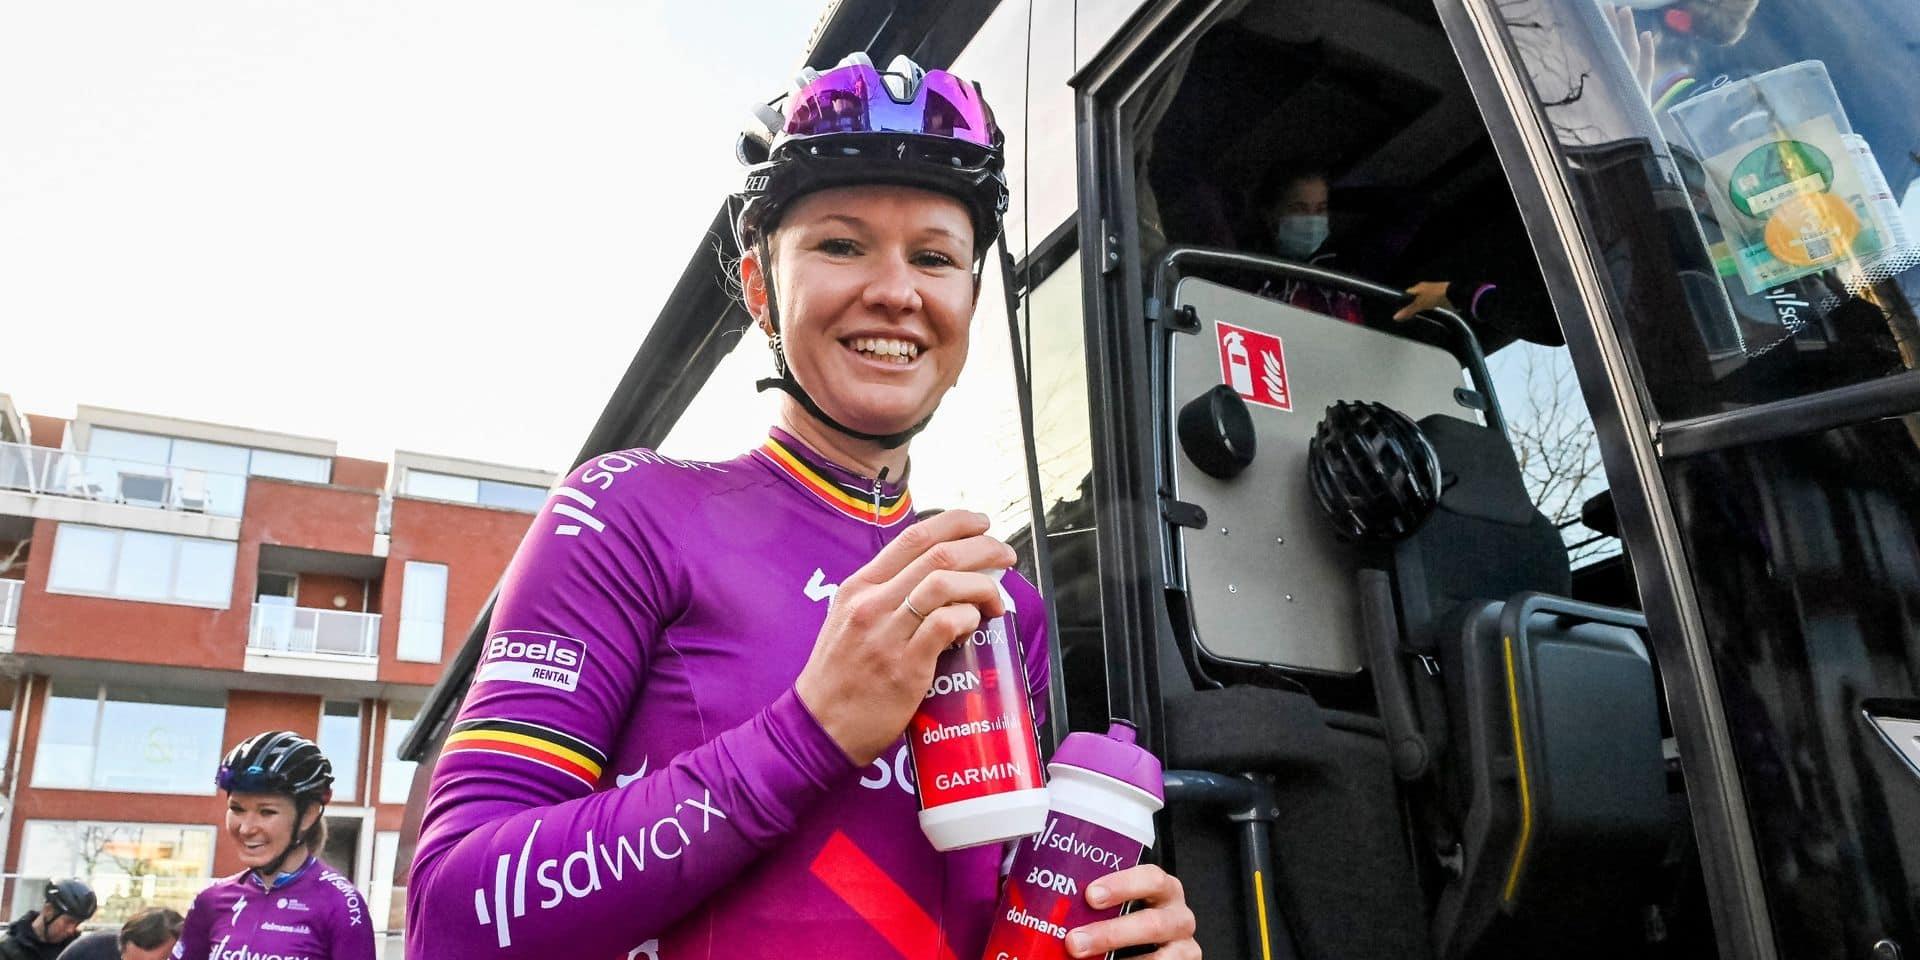 Healthy Ageing Tour : Jolien D'hoore remporte la première étape